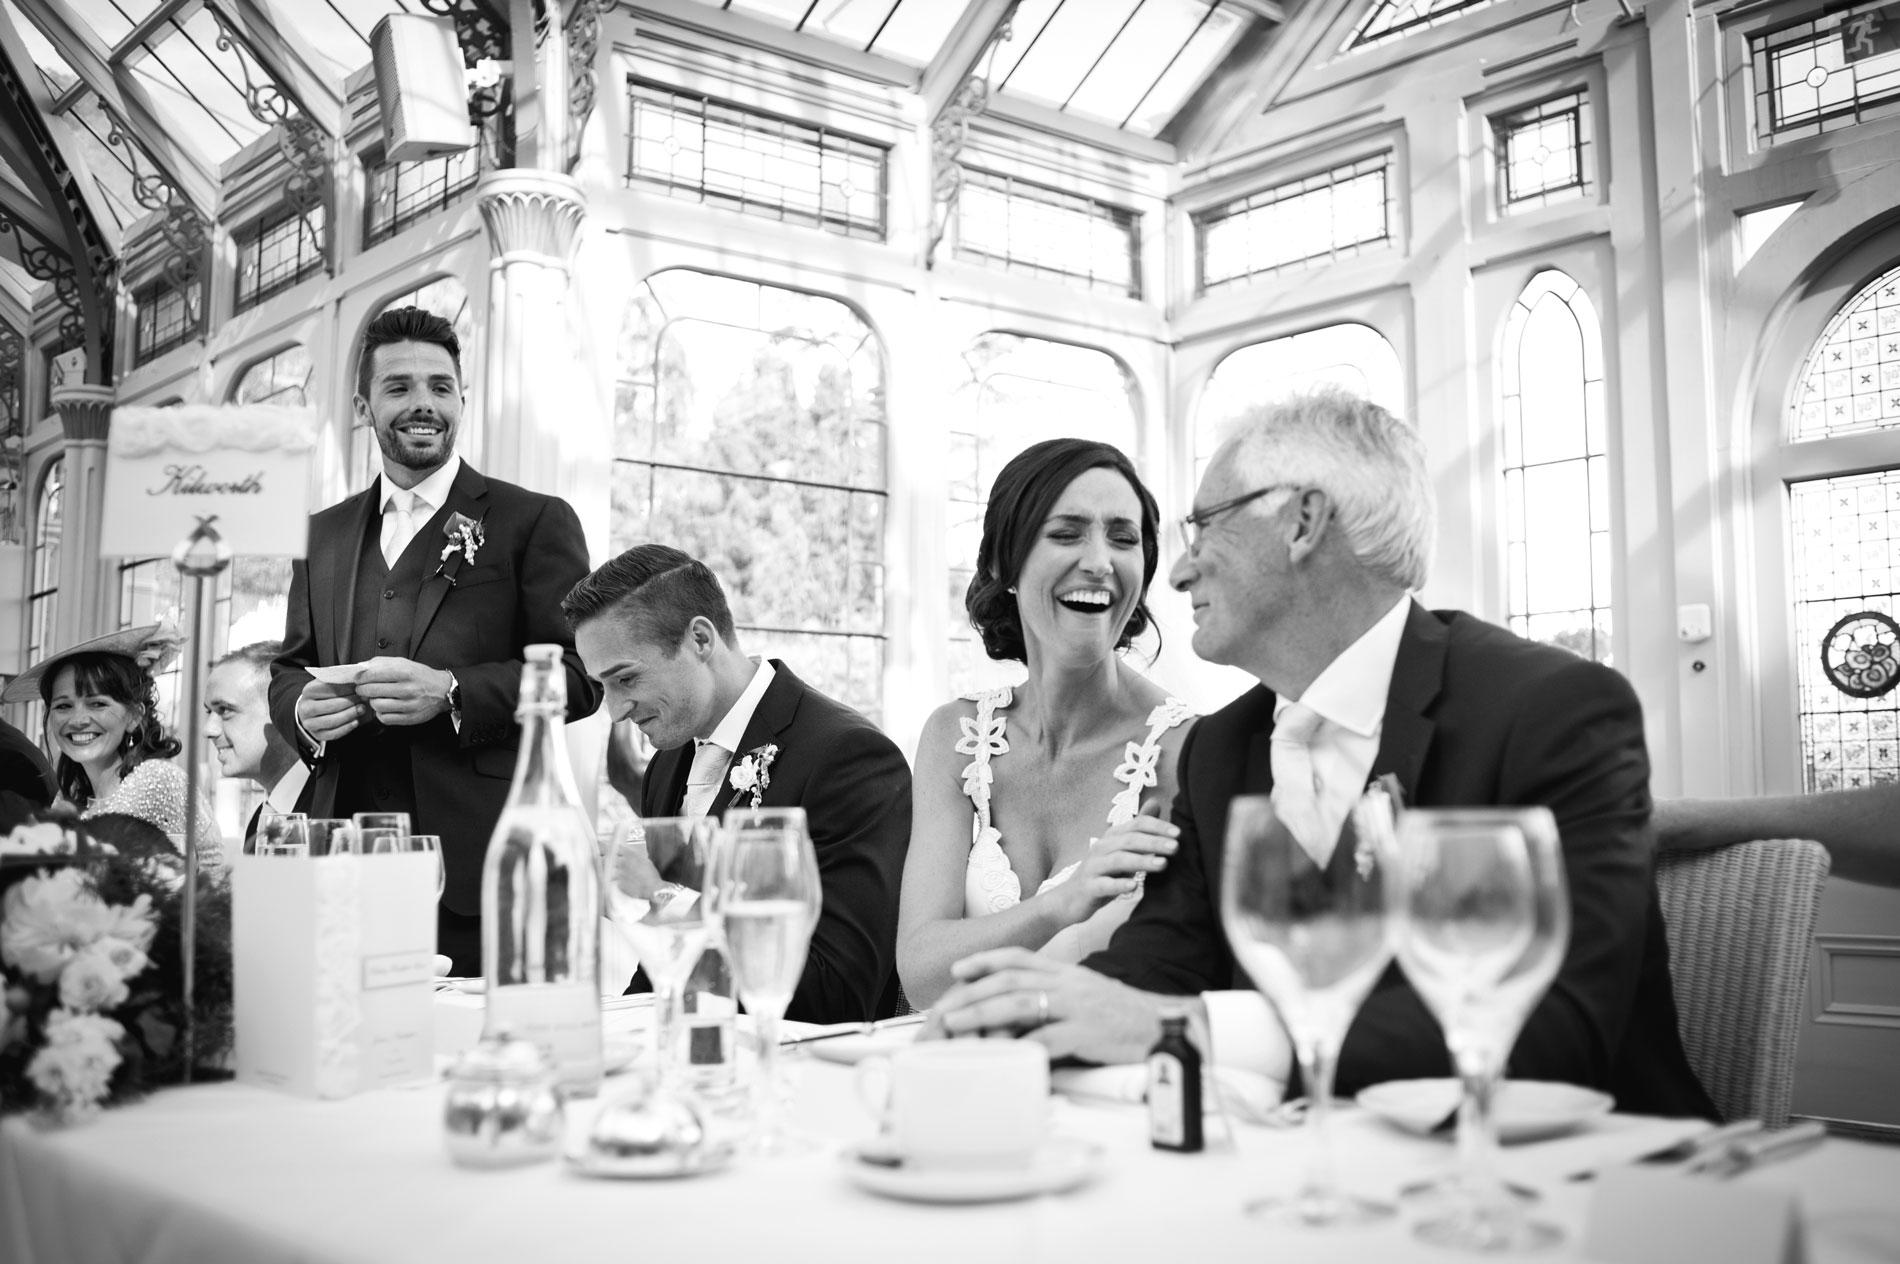 Kilworth-weddings-_73.jpg